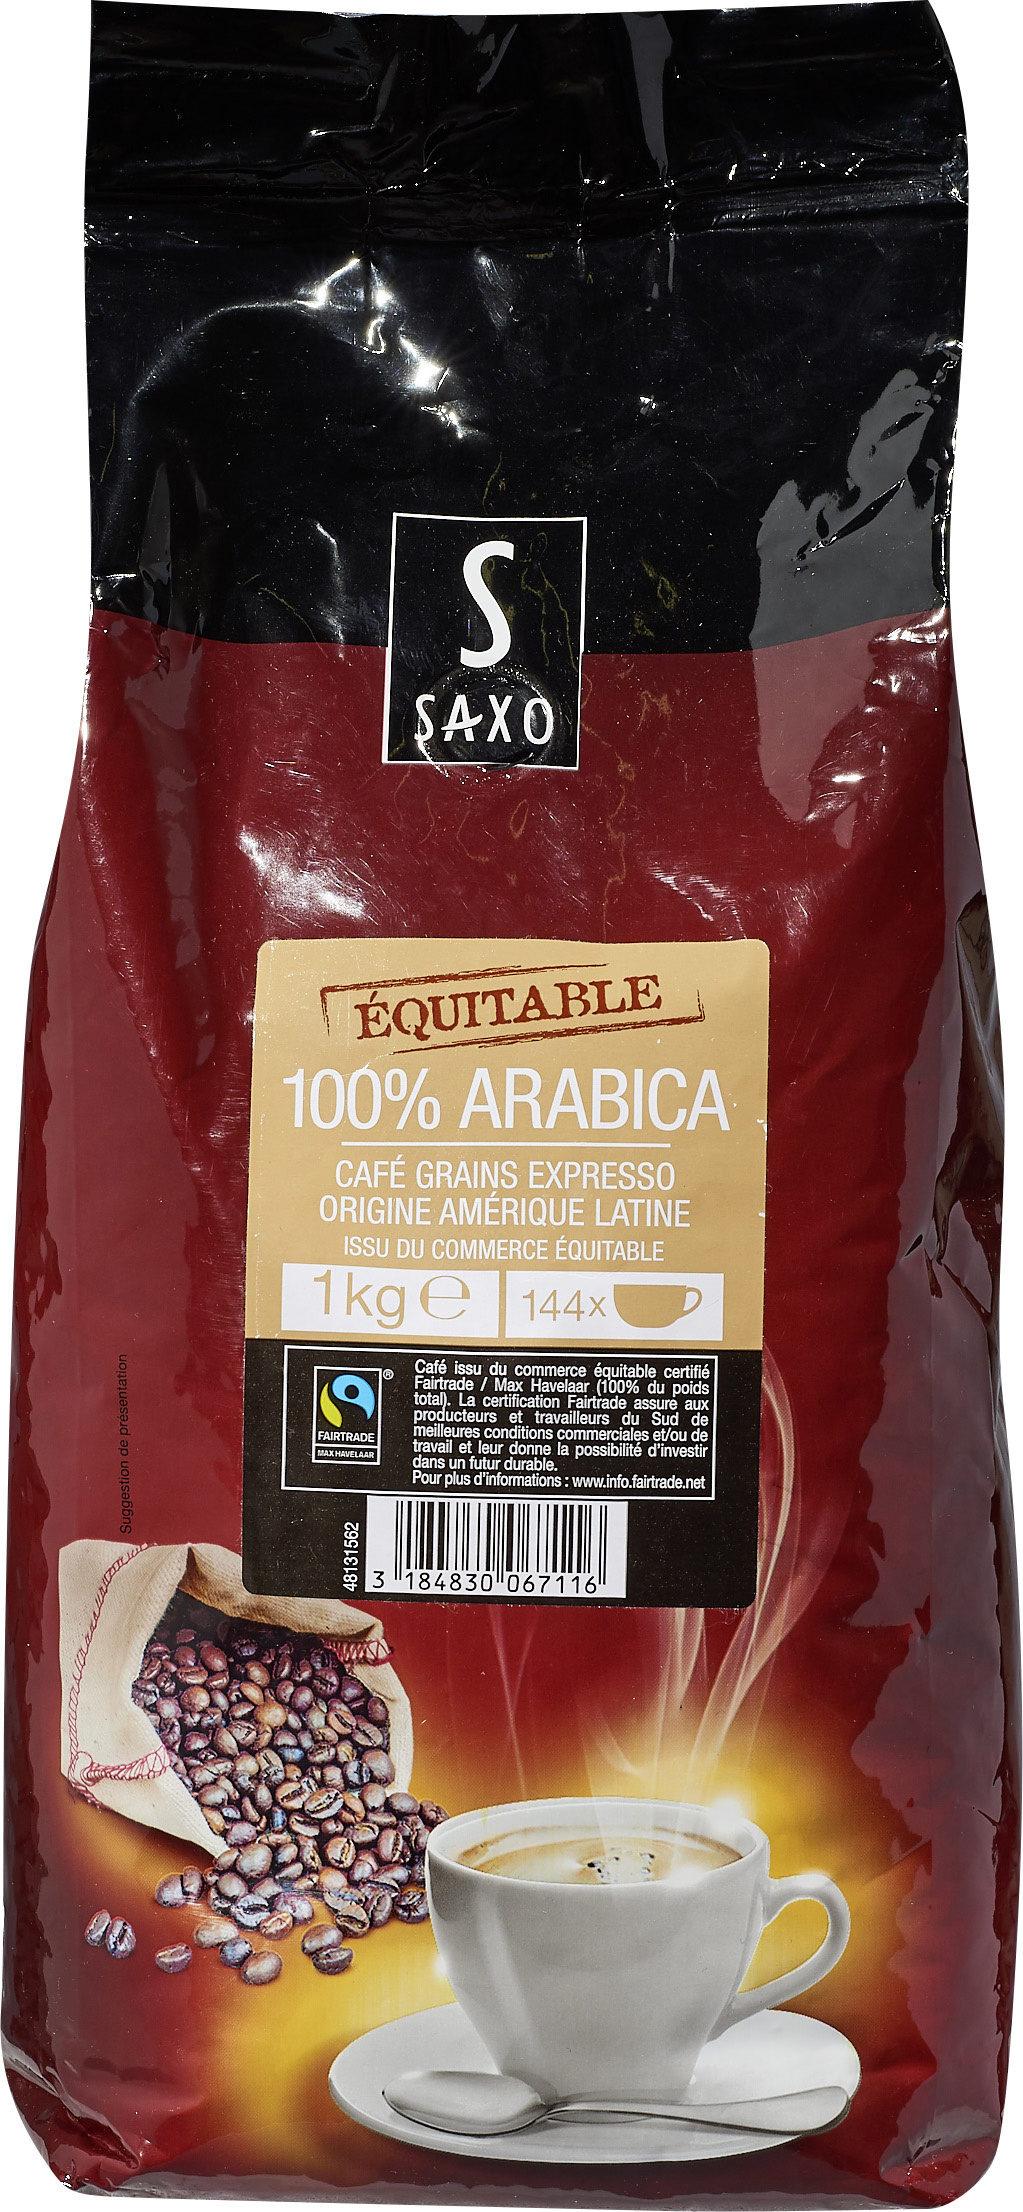 100% arabica café grains expresso origine amérique latine issu du ...